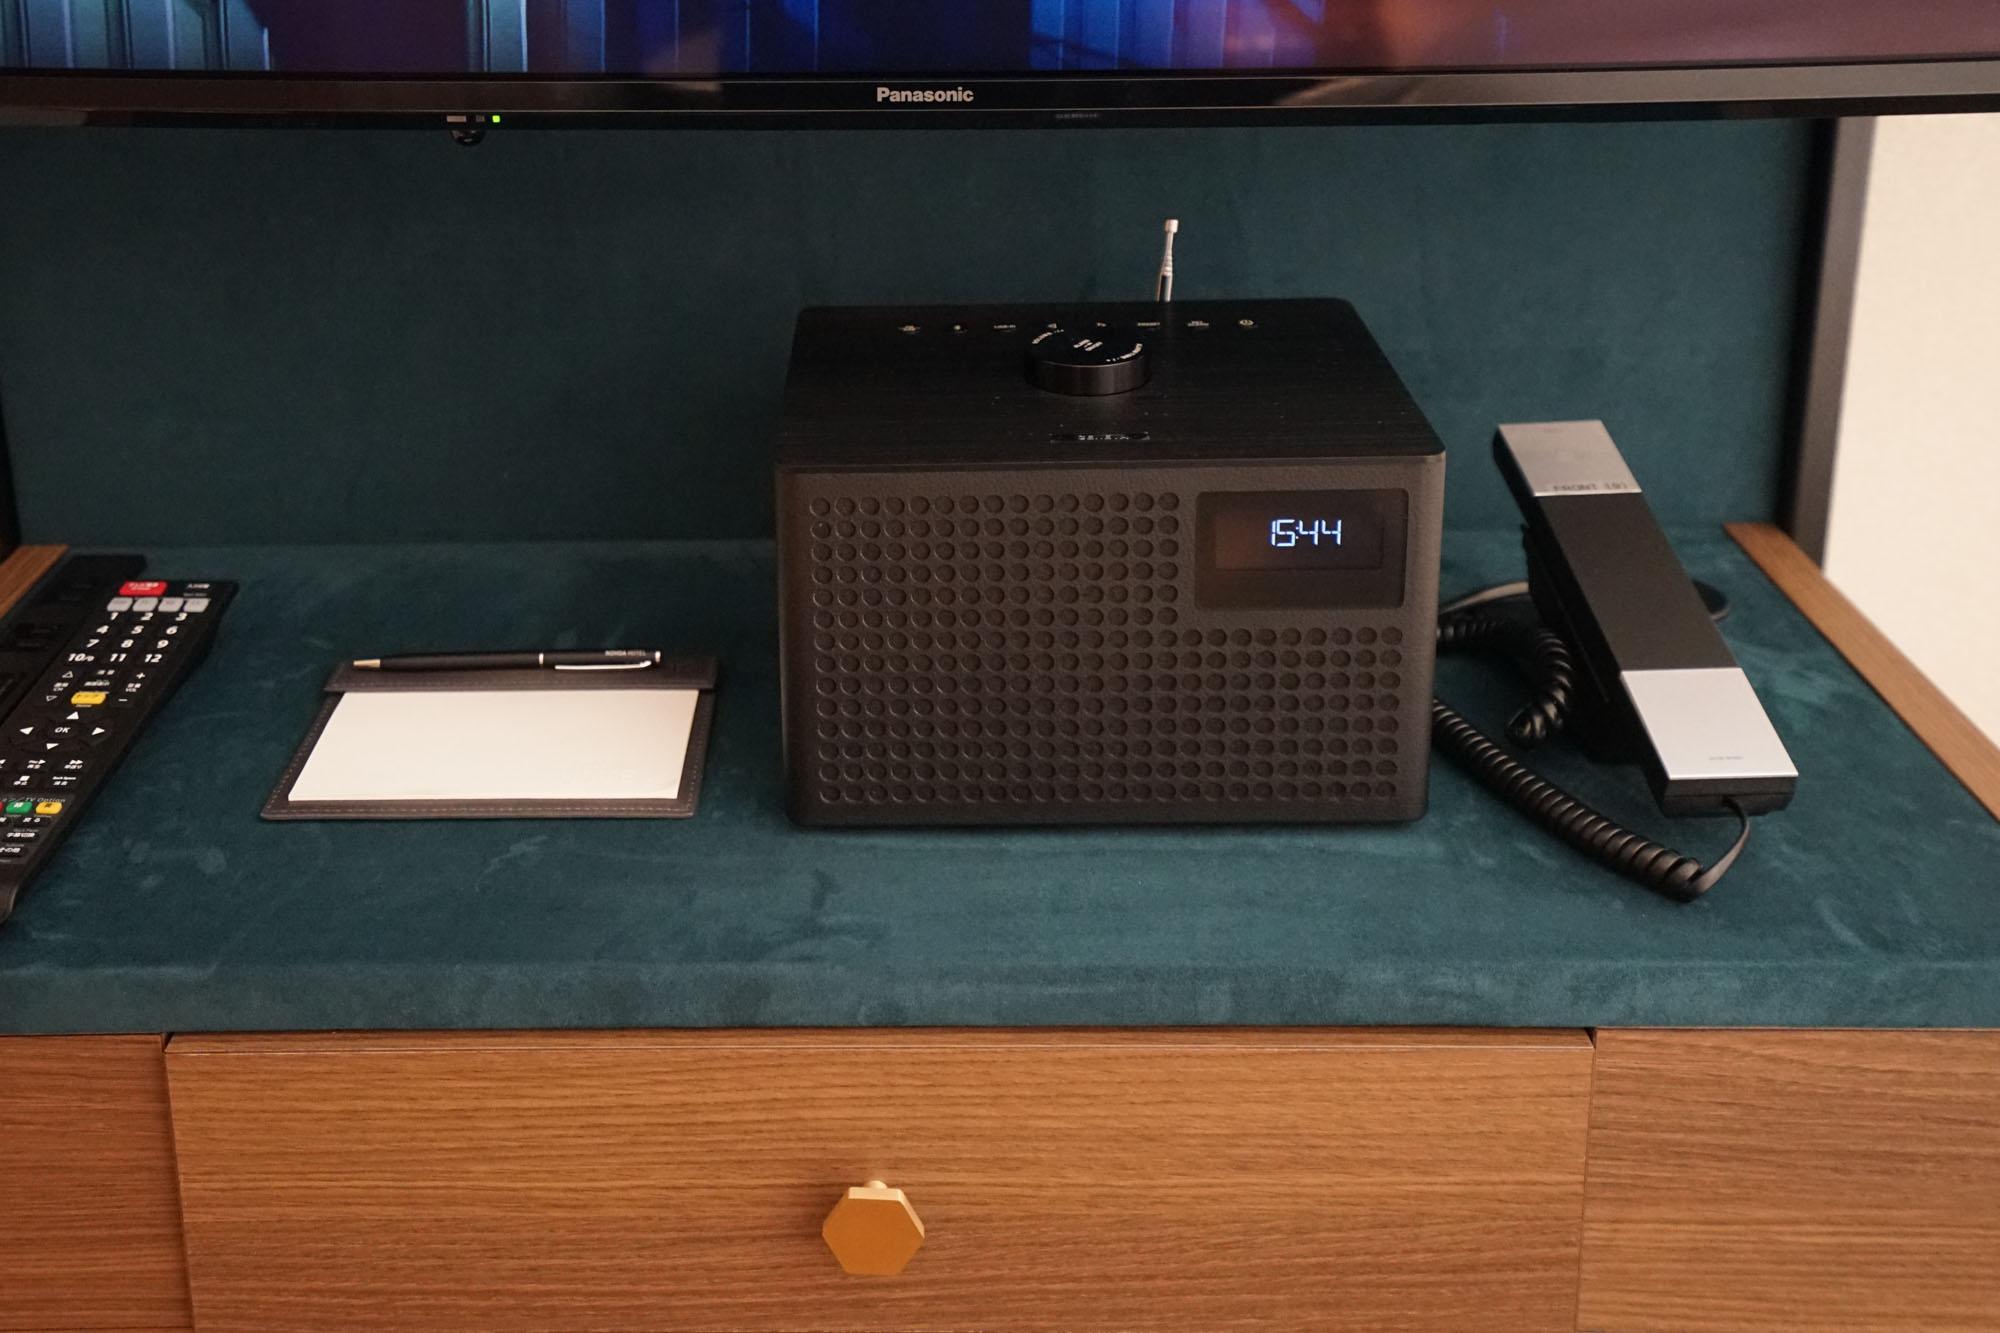 各客室に音にこだわったスピーカーが設置されています。Bluetoothで繋げて好きな音楽を楽しんだり、ラジオを聴いたり。音楽のある暮らしが満喫できますね。